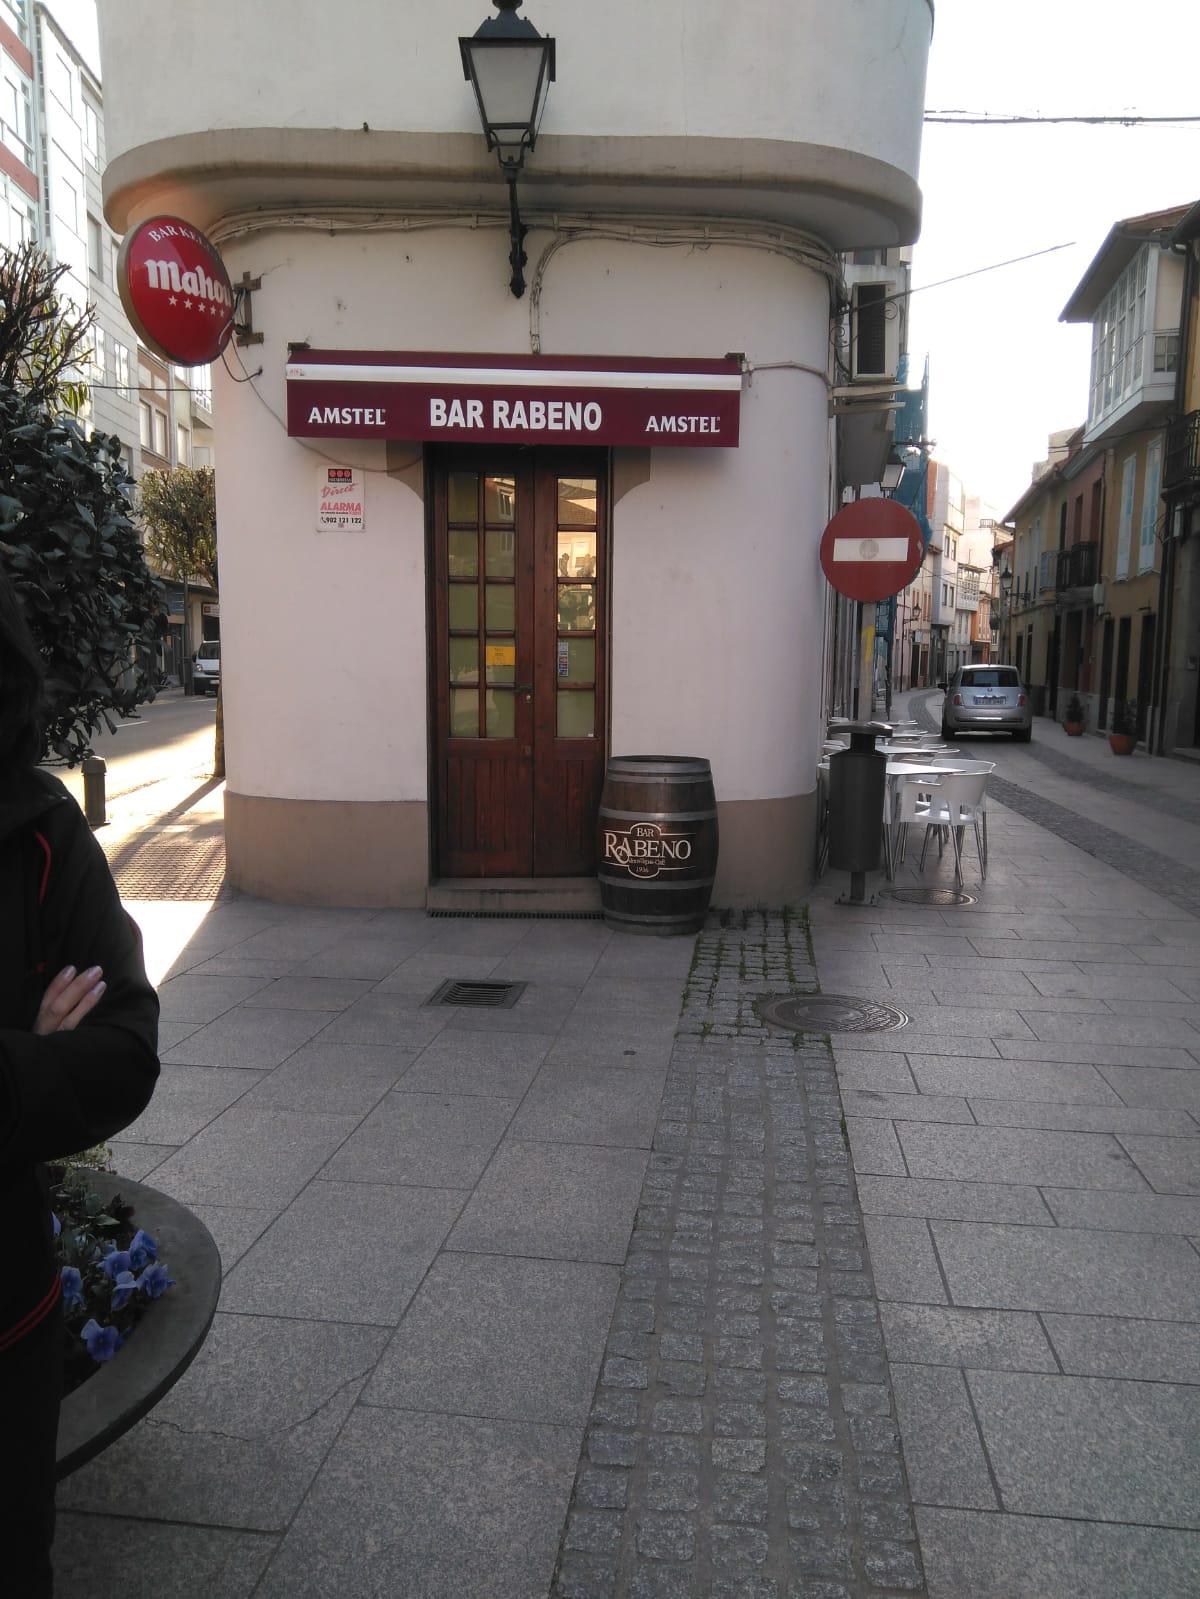 Segunda propuesta: entrada calle Doutor Teixeiro, adosado a la señal suplantando a la papelera